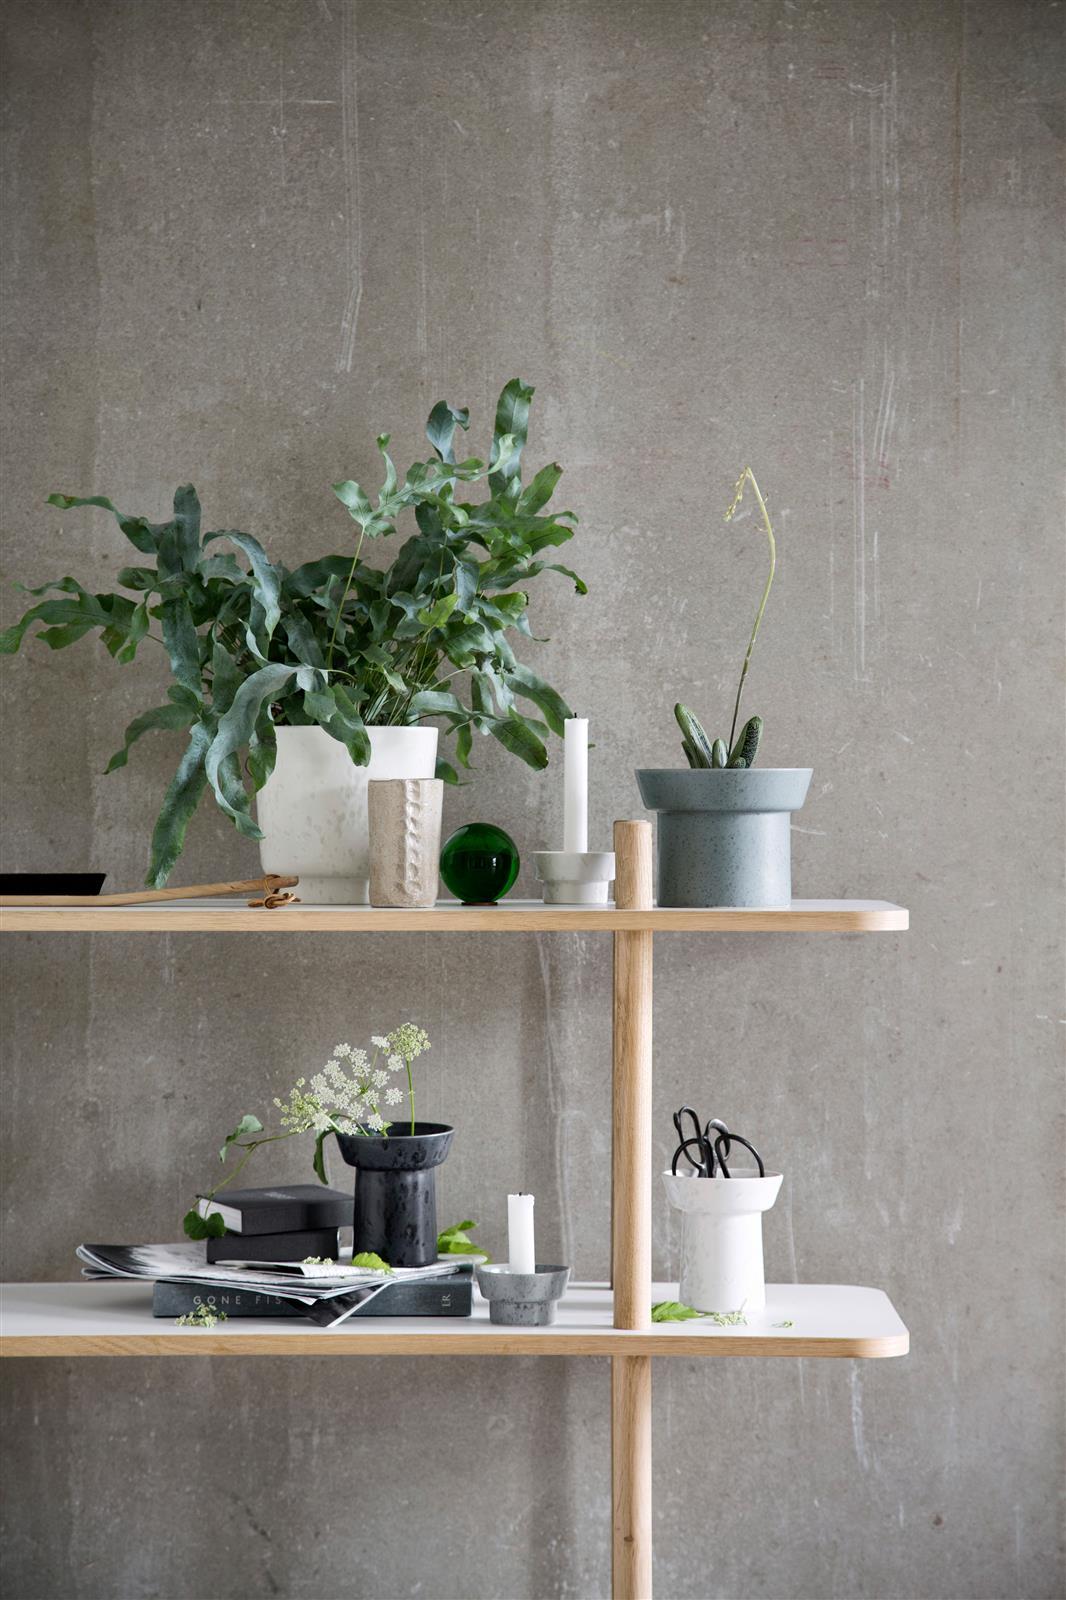 vase ombria marble white von k hler design. Black Bedroom Furniture Sets. Home Design Ideas